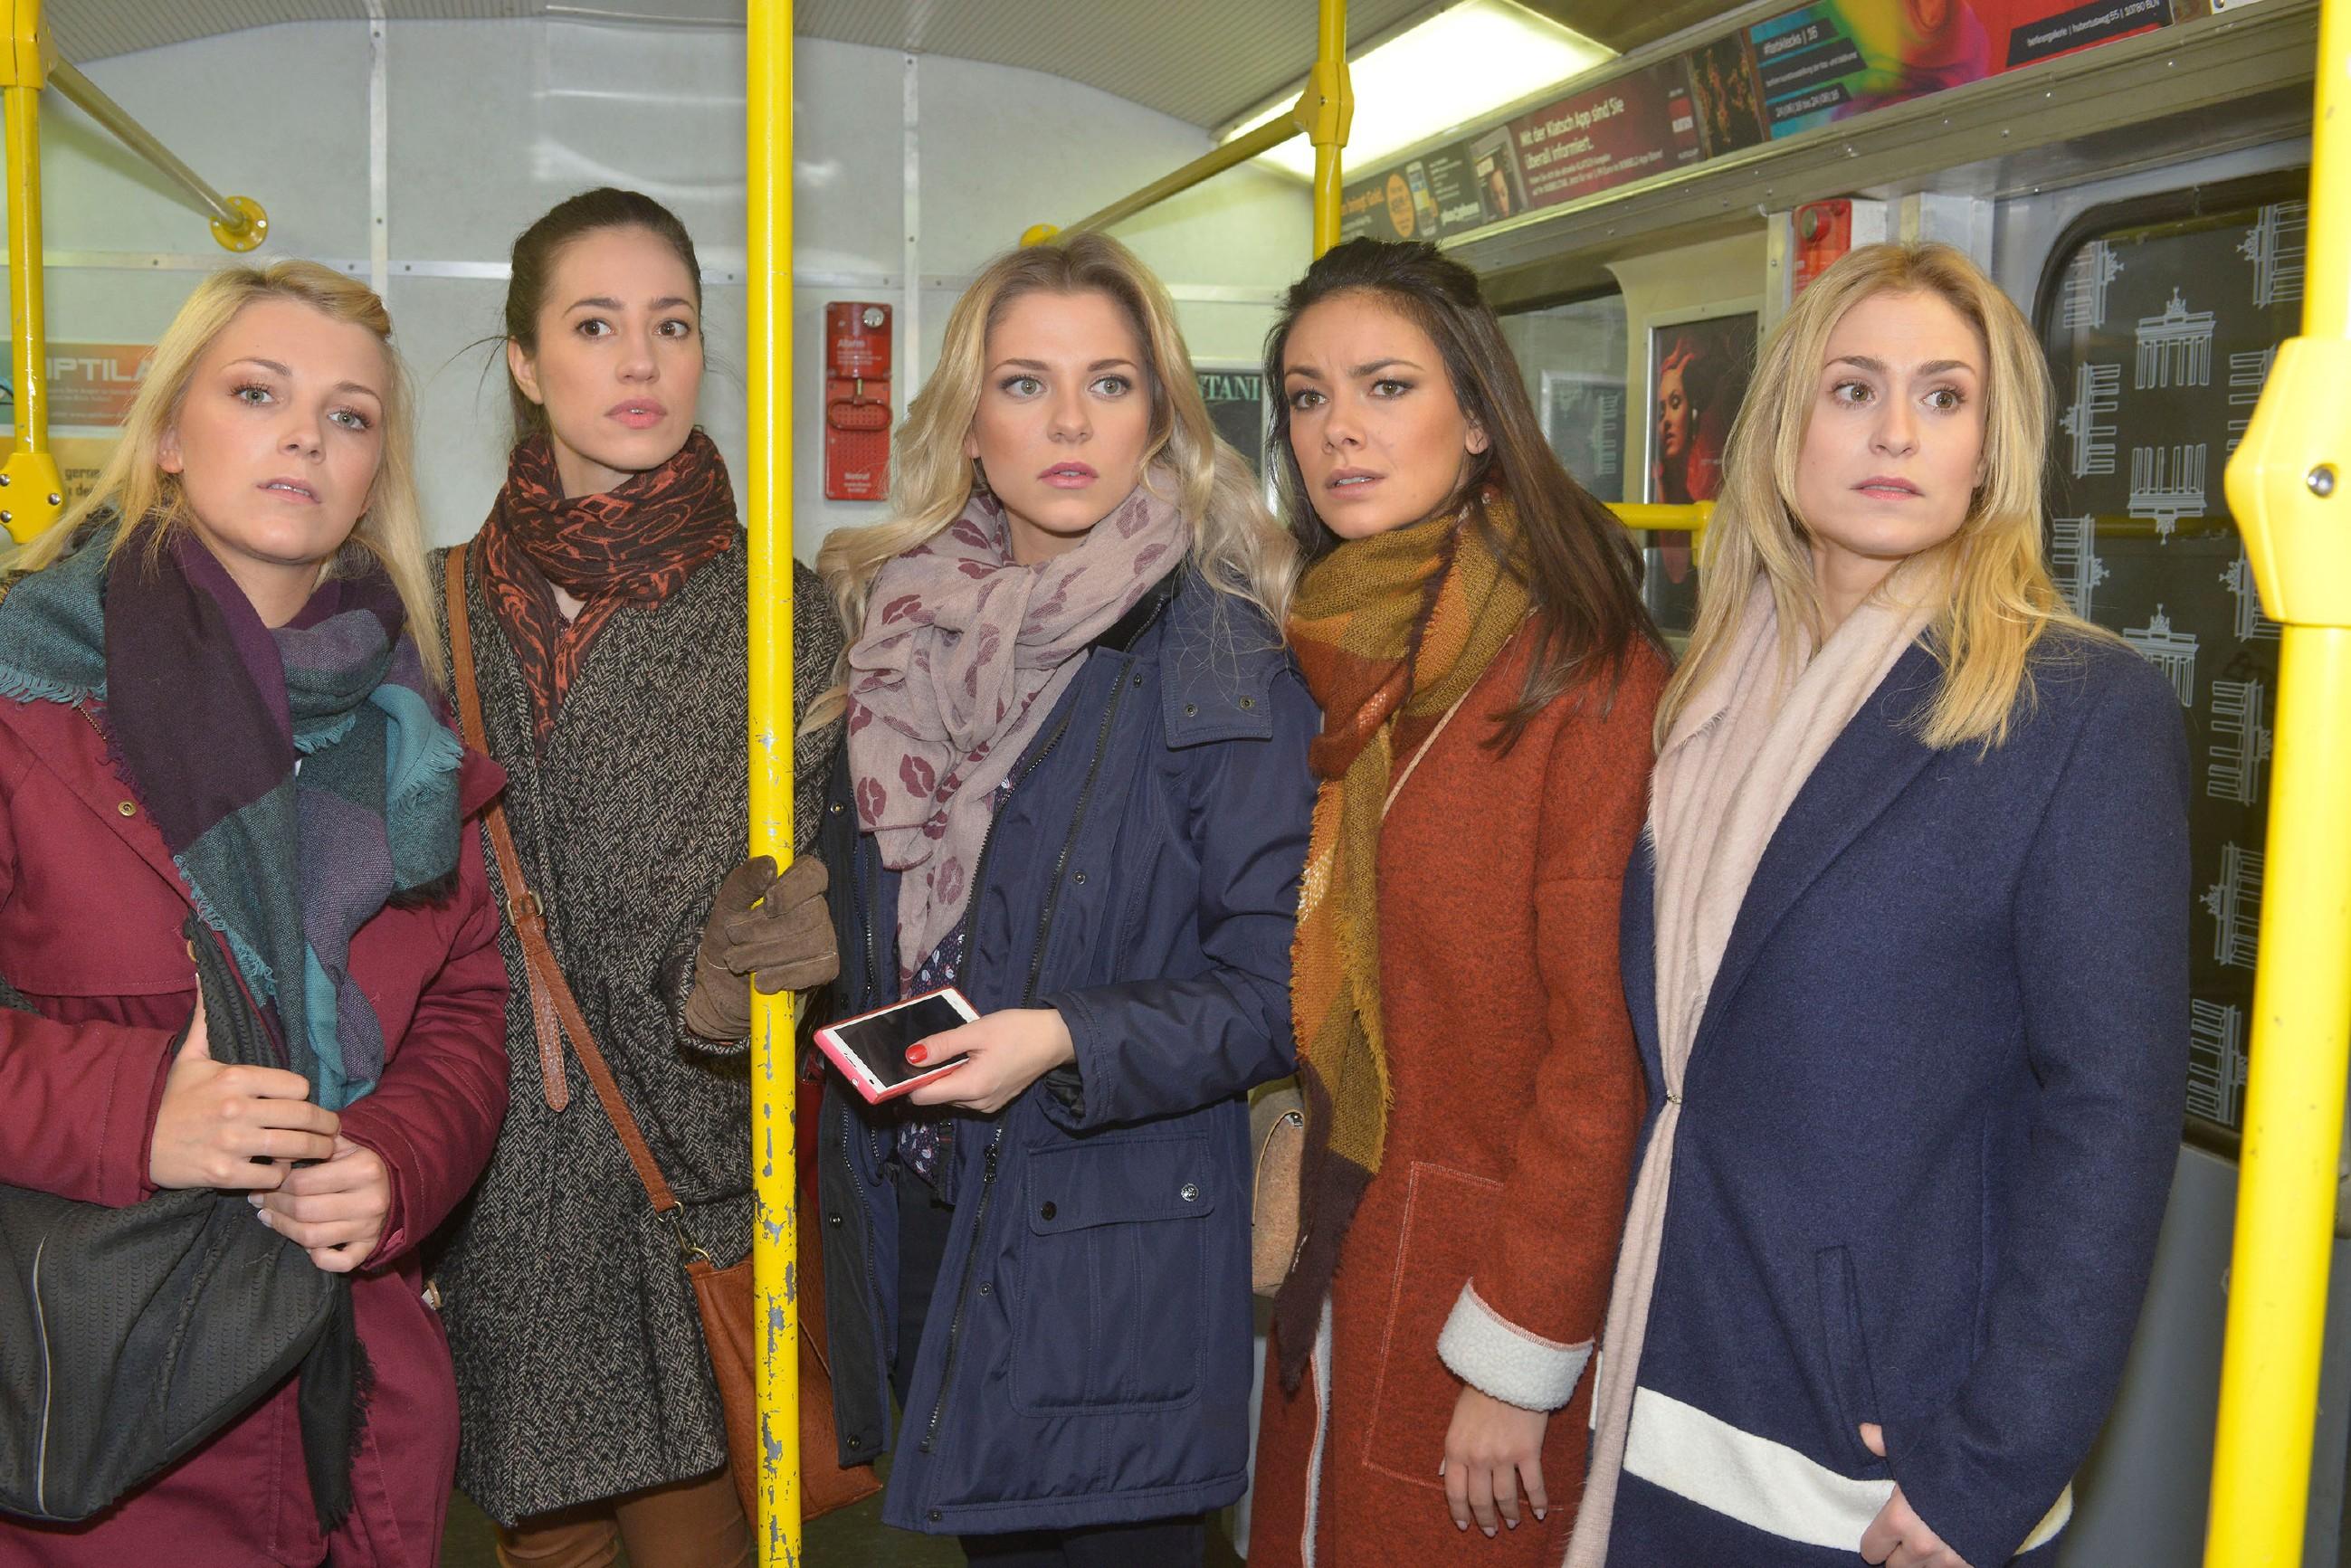 Lilly (Iris Mareike Steen, l.), Elena (Elena Garcia Gerlach, 2.v.l.), Jasmin (Janina Uhse, 2.v.r.) und Sophie (Lea Marlen Woitack, r.) können nicht fassen, dass Sunnys (Valentina Pahde) Verlobungsring geklaut wurde.